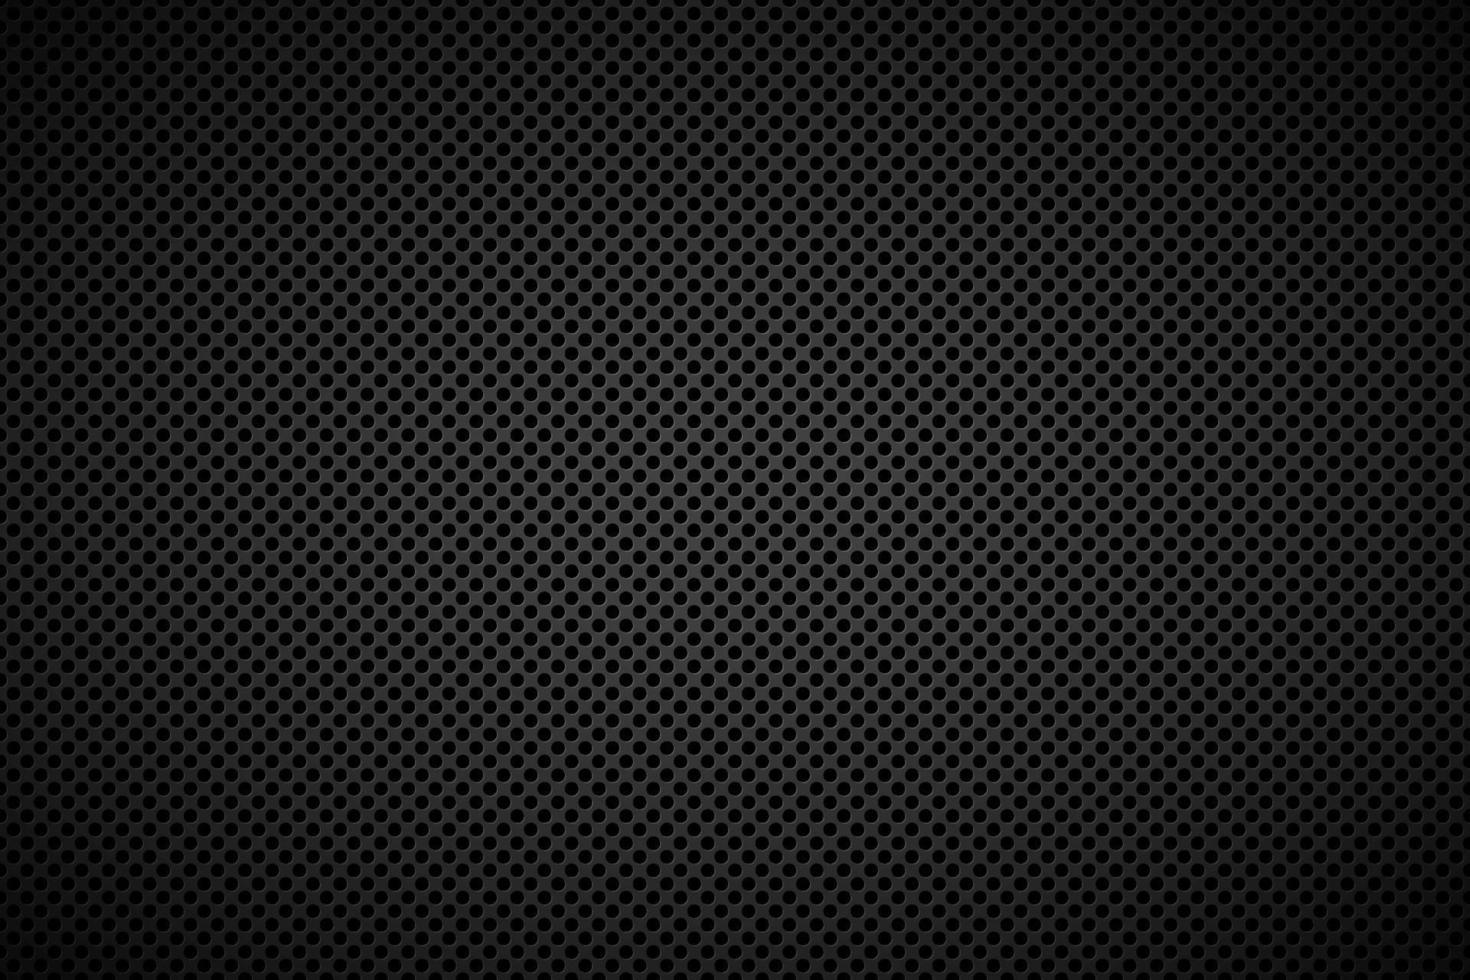 fond métallique noir perforé. illustration vectorielle de fond abstrait en acier inoxydable vecteur